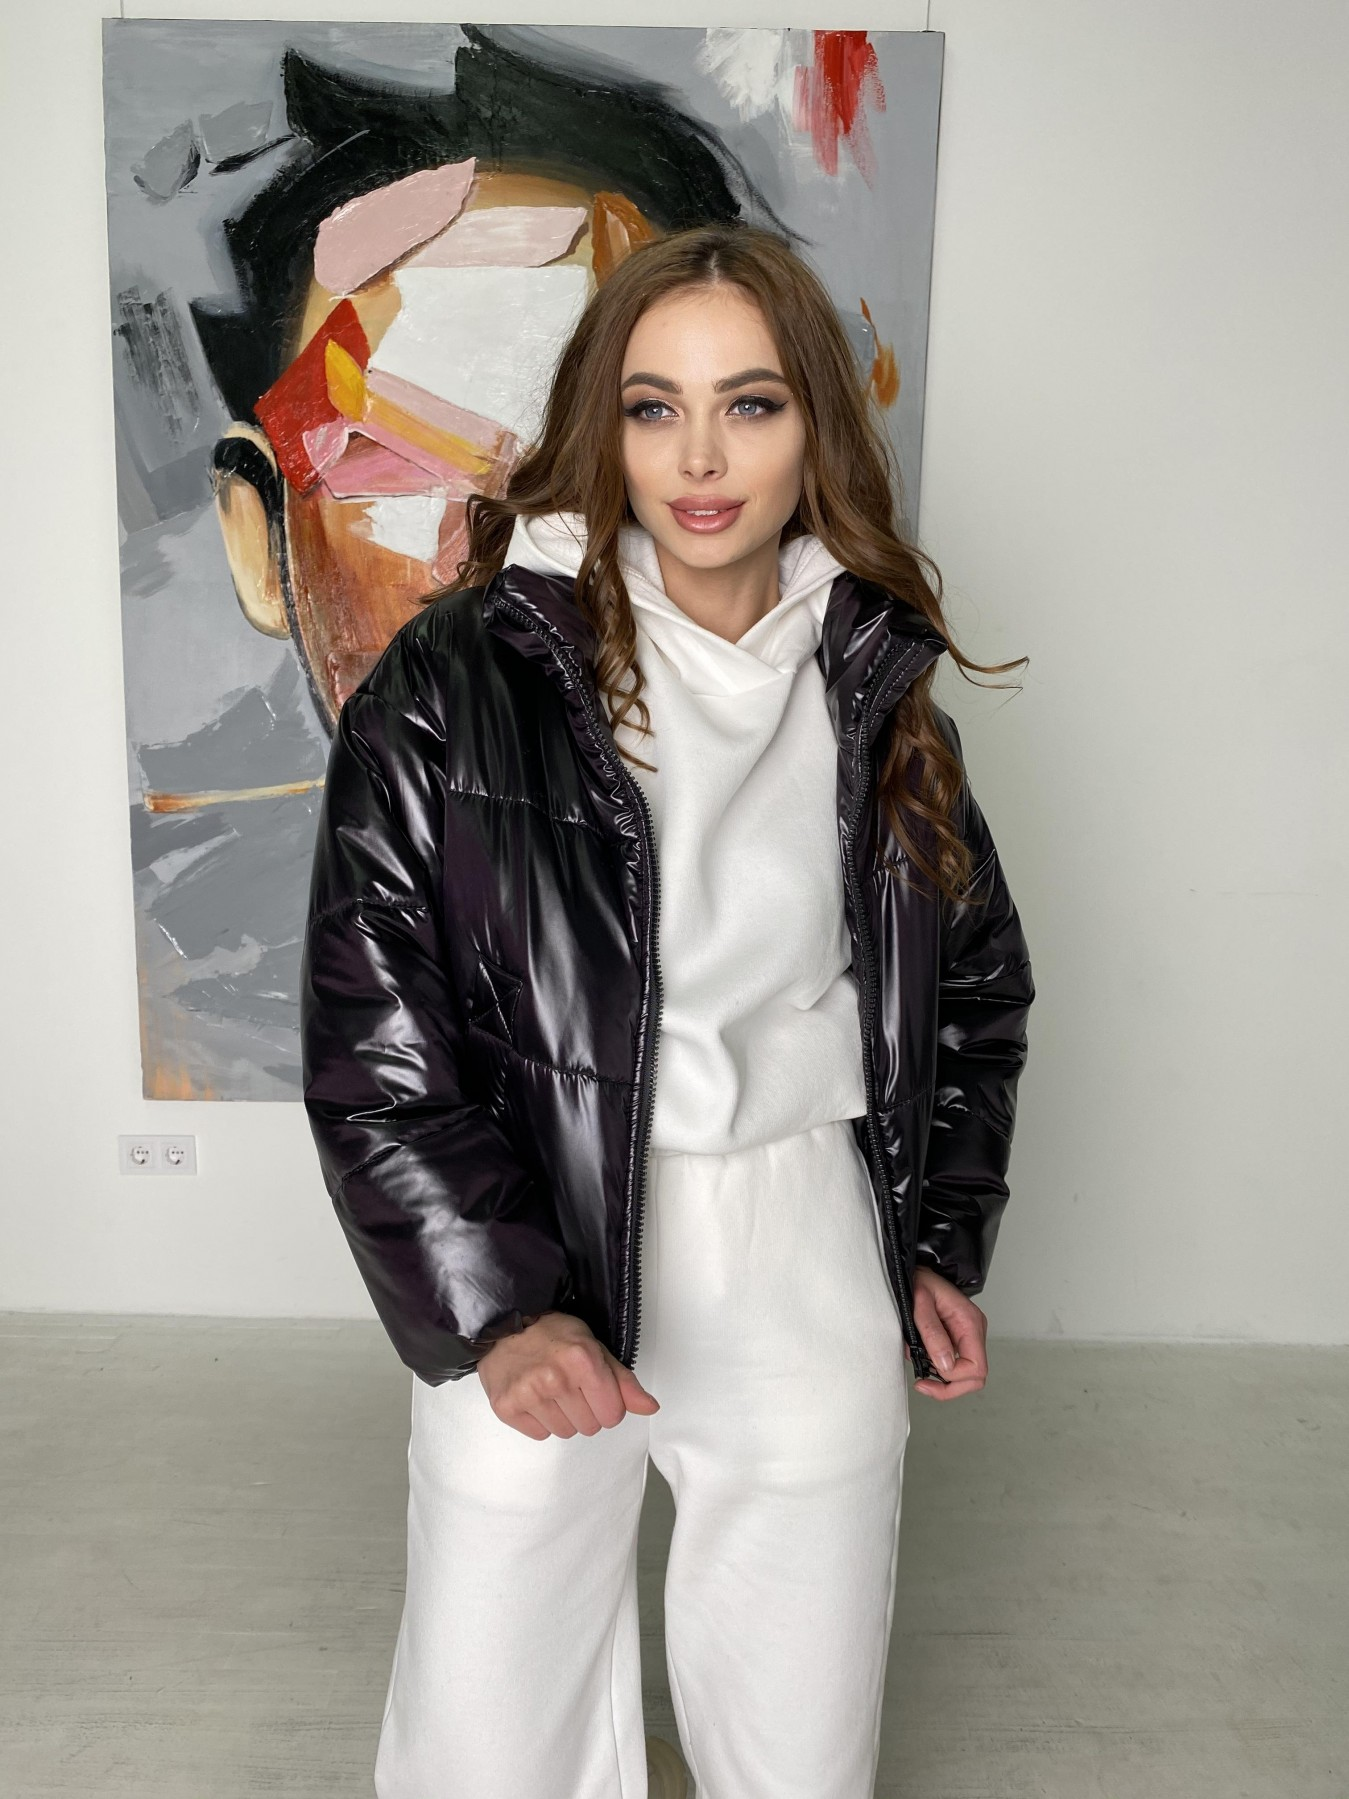 Драйв куртка из плащевой ткани 10497 АРТ. 46843 Цвет: Черный - фото 3, интернет магазин tm-modus.ru